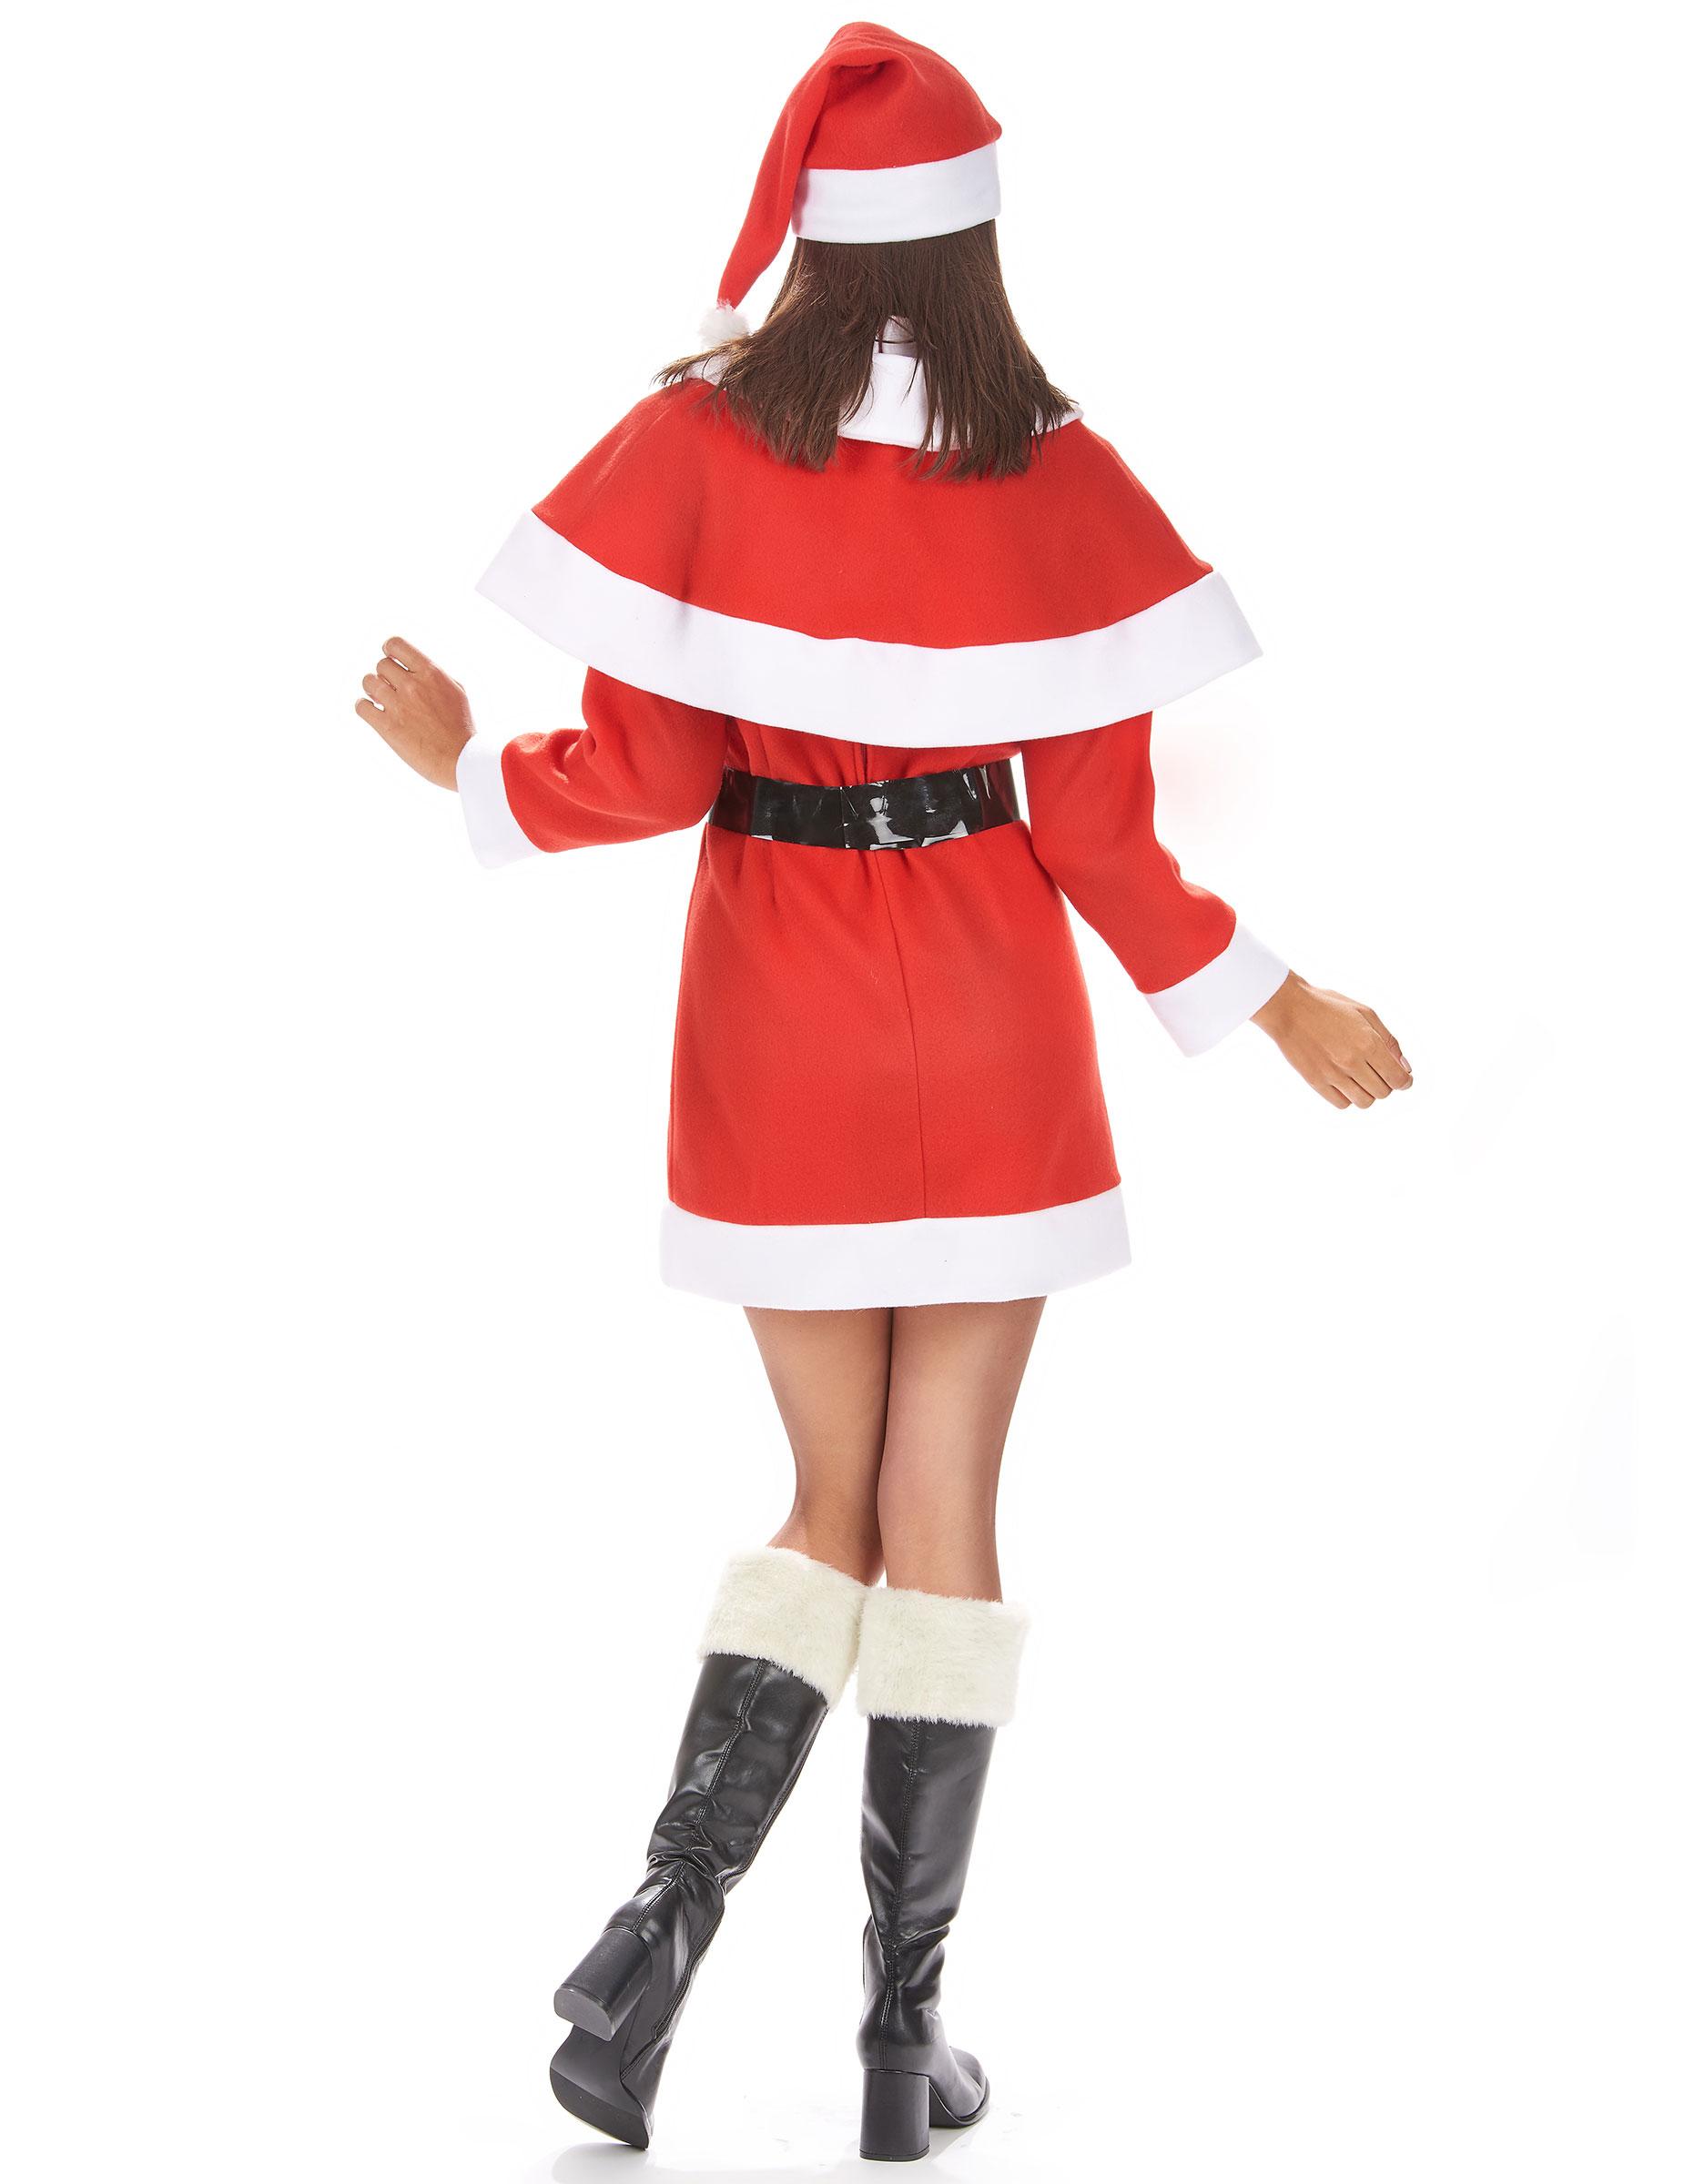 Costume robe Miss santa économique taille M MERE NOEL ECO . 7bc56fdd8930